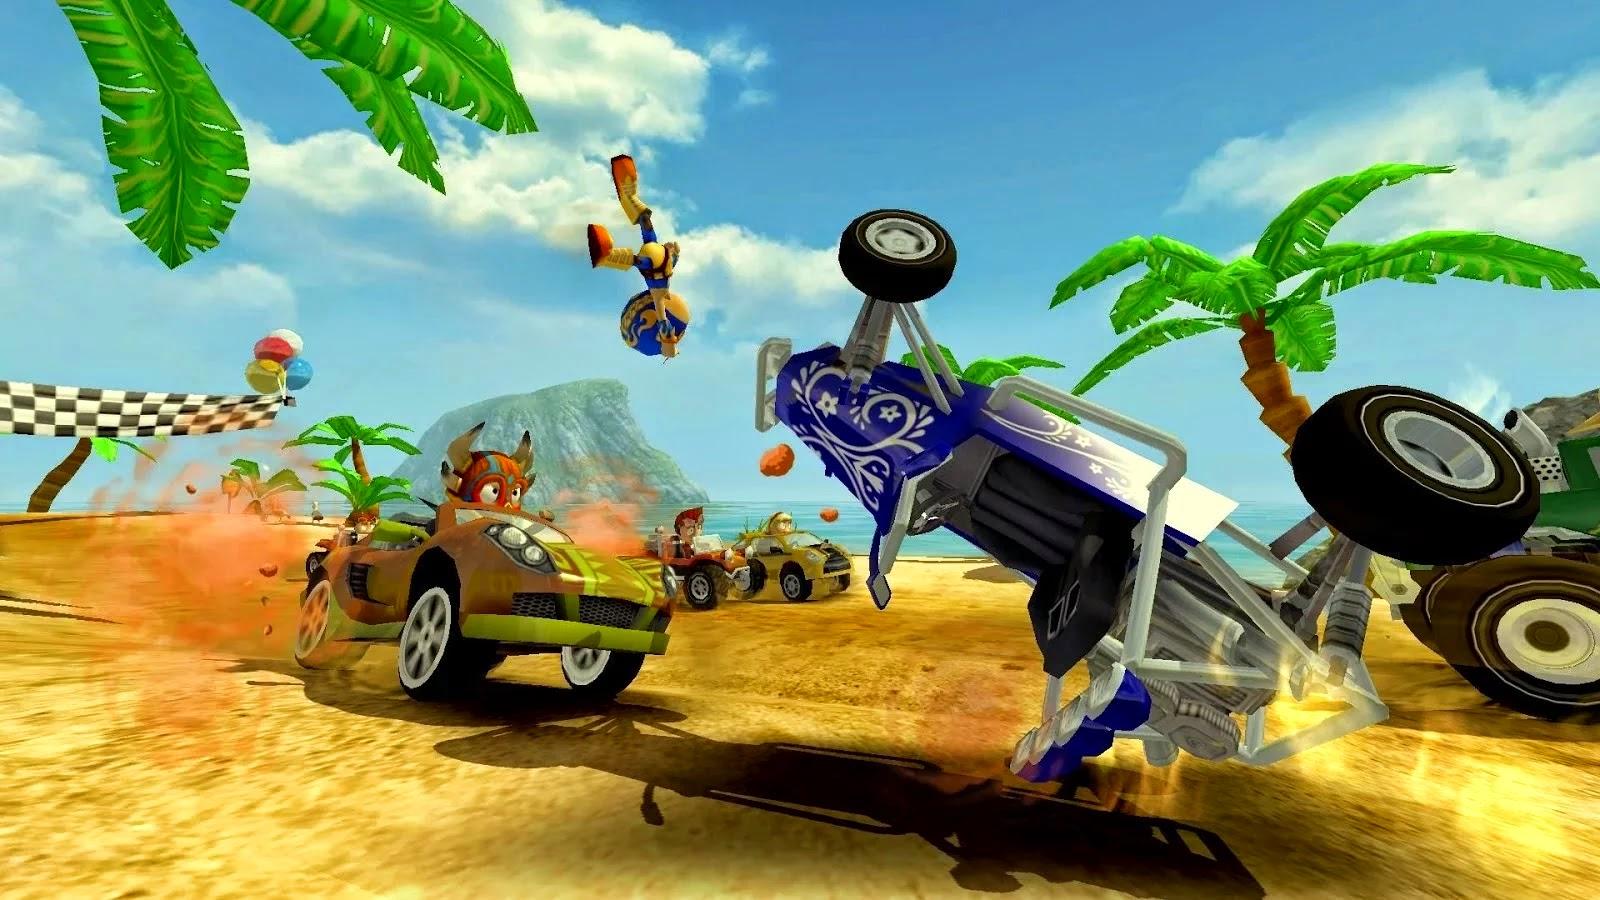 تحميل لعبة beach buggy racing للكمبيوتر مهكرة